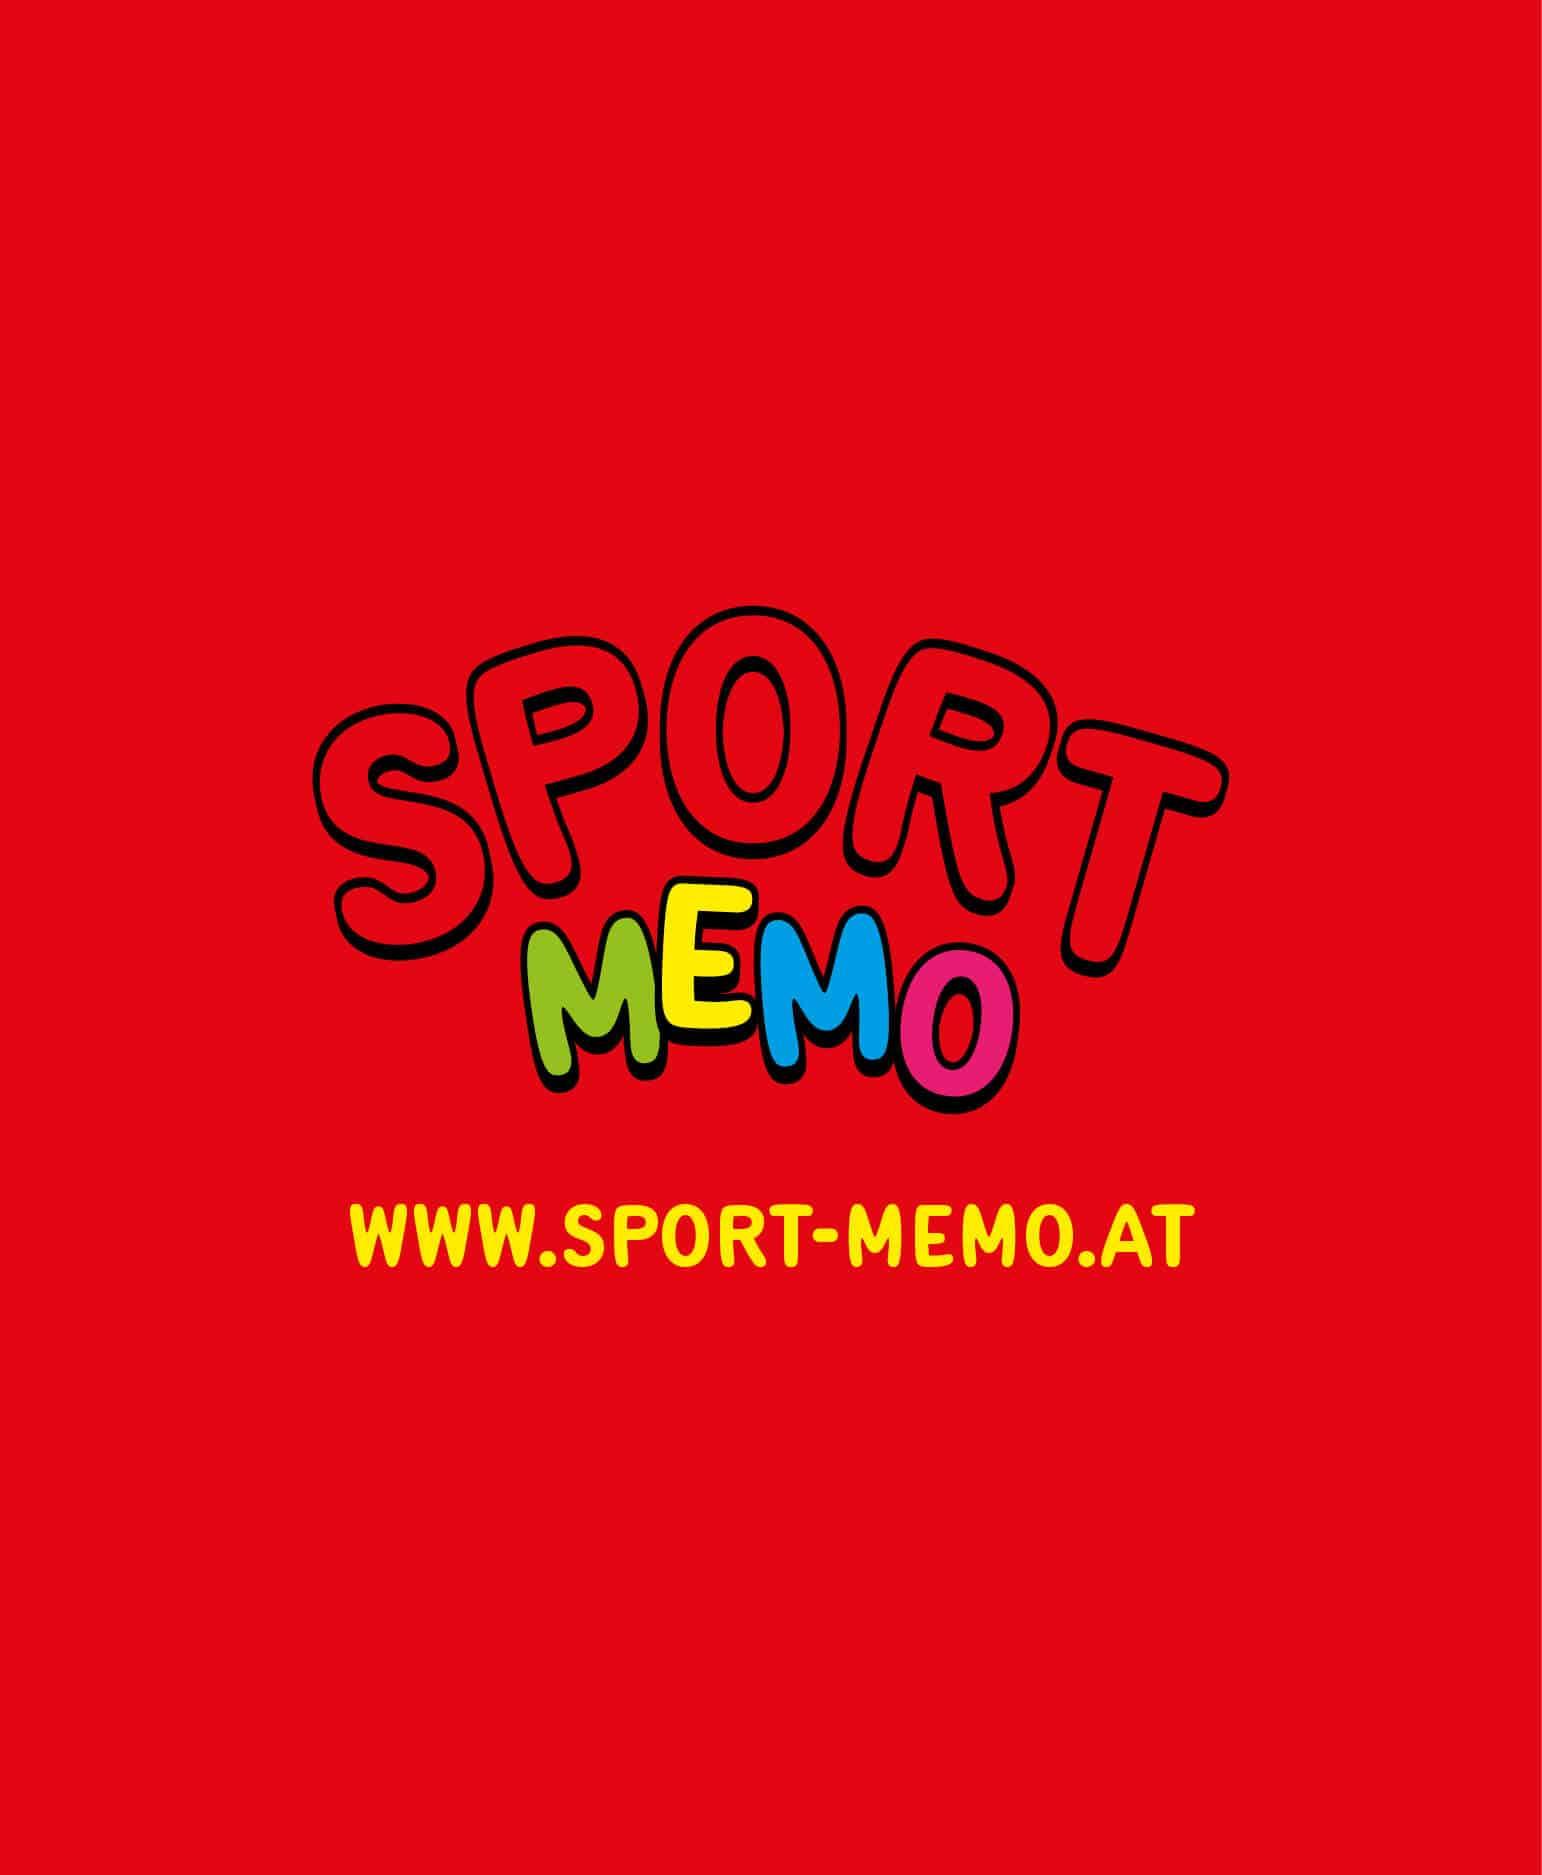 Sport Memo